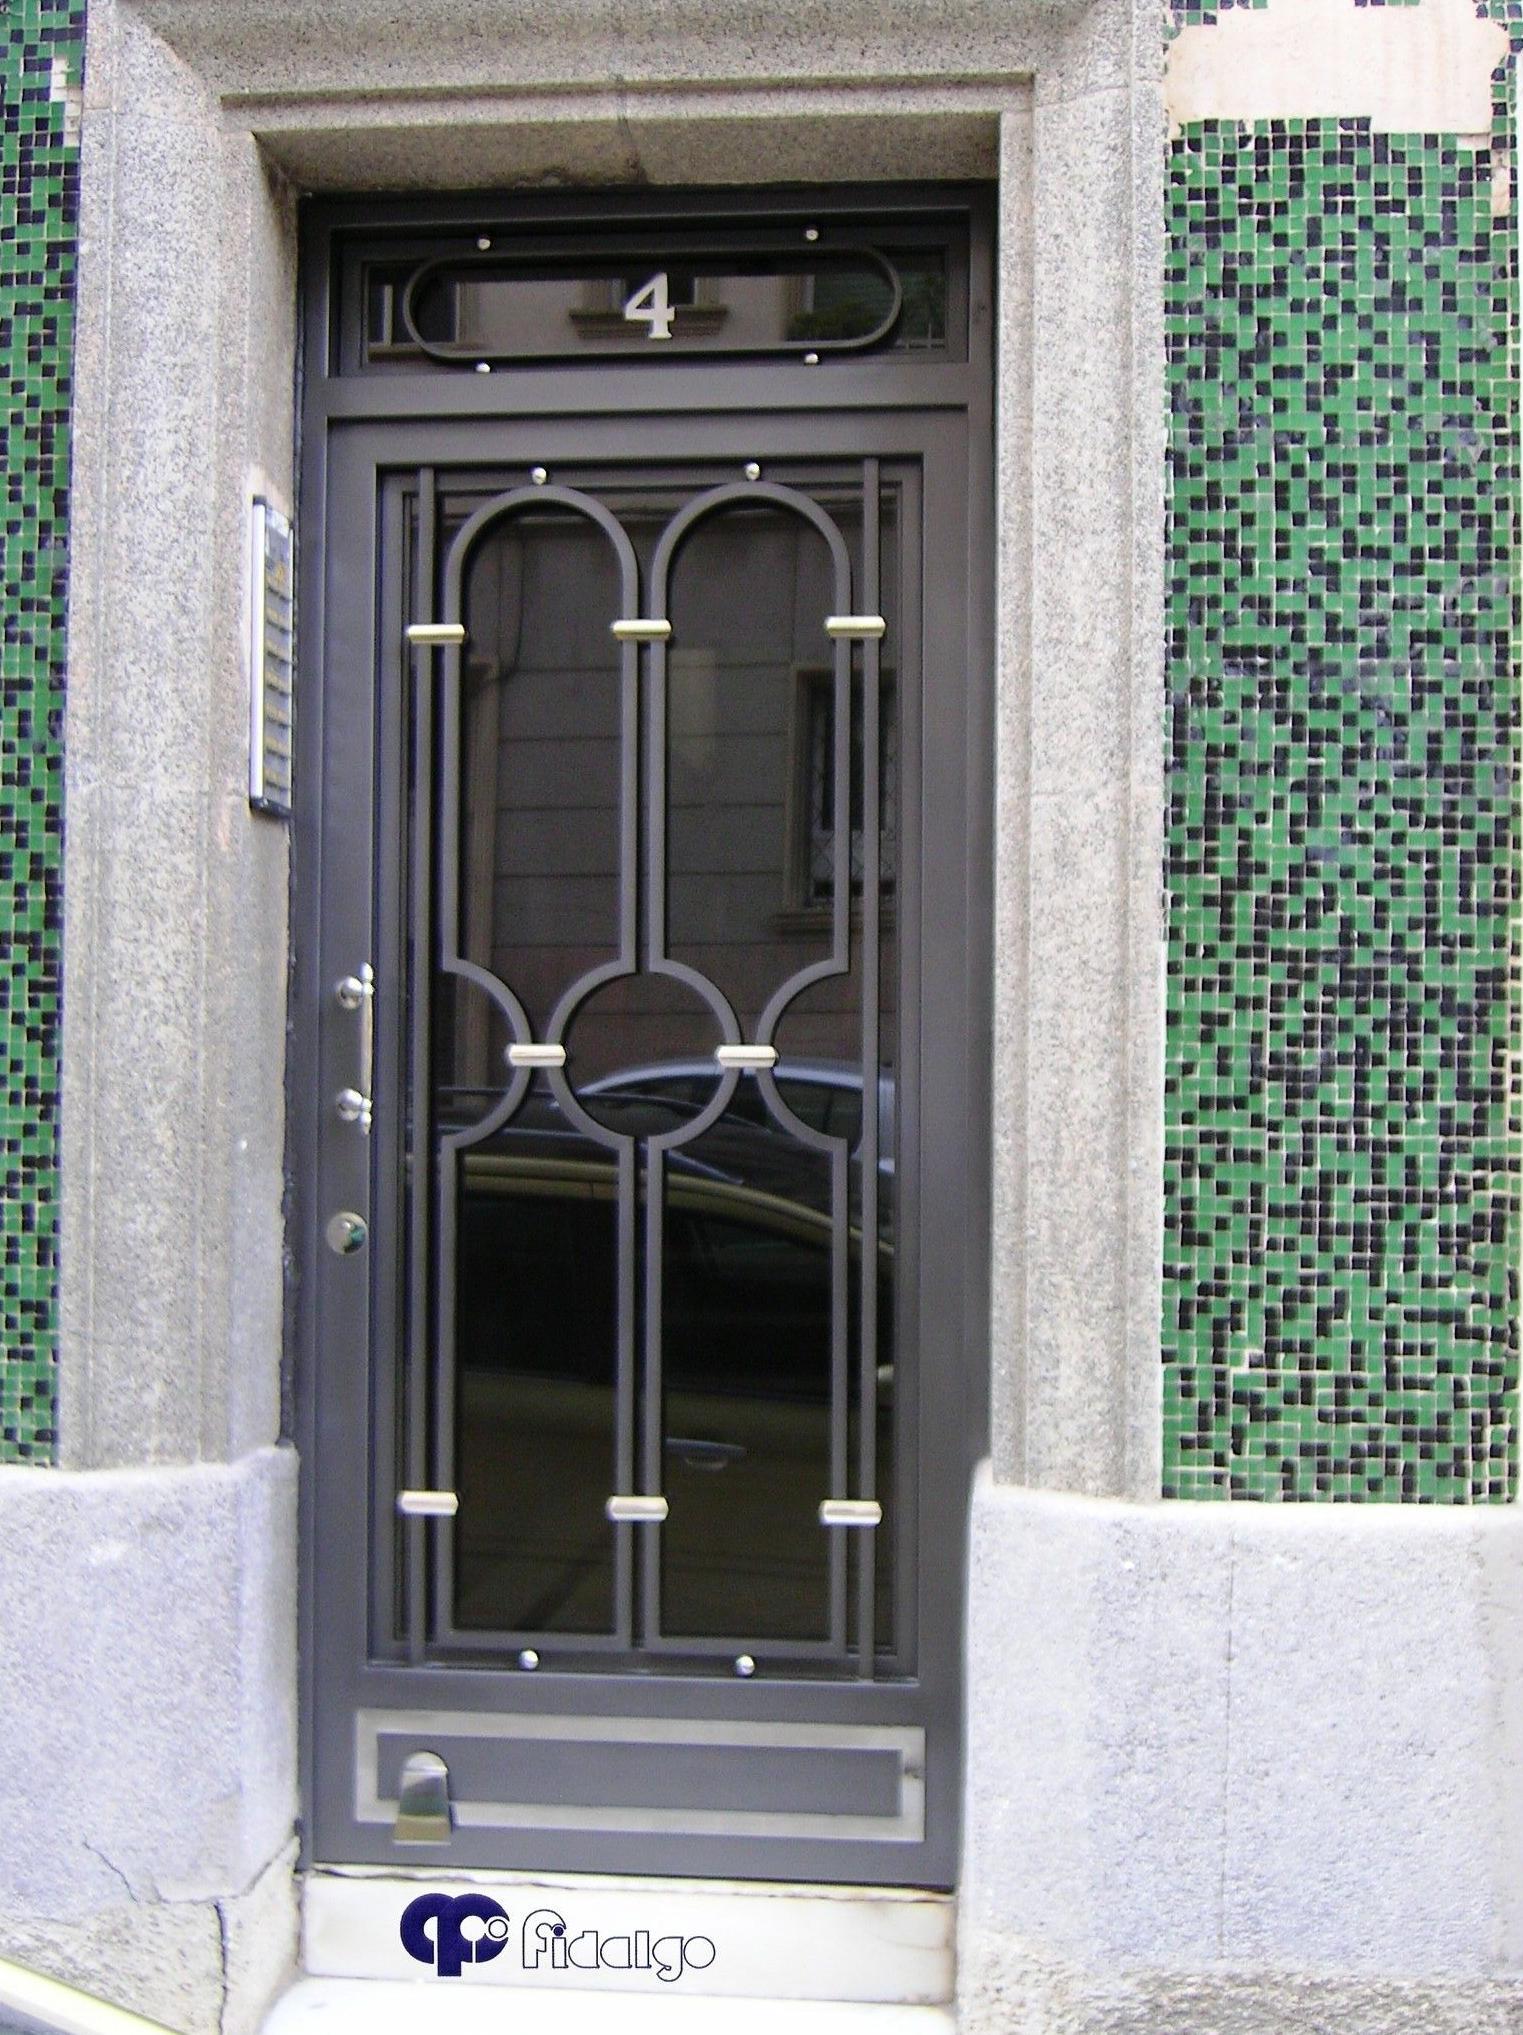 Foto 19 de cierres y puertas met licas en barcelona for Fotos puertas metalicas